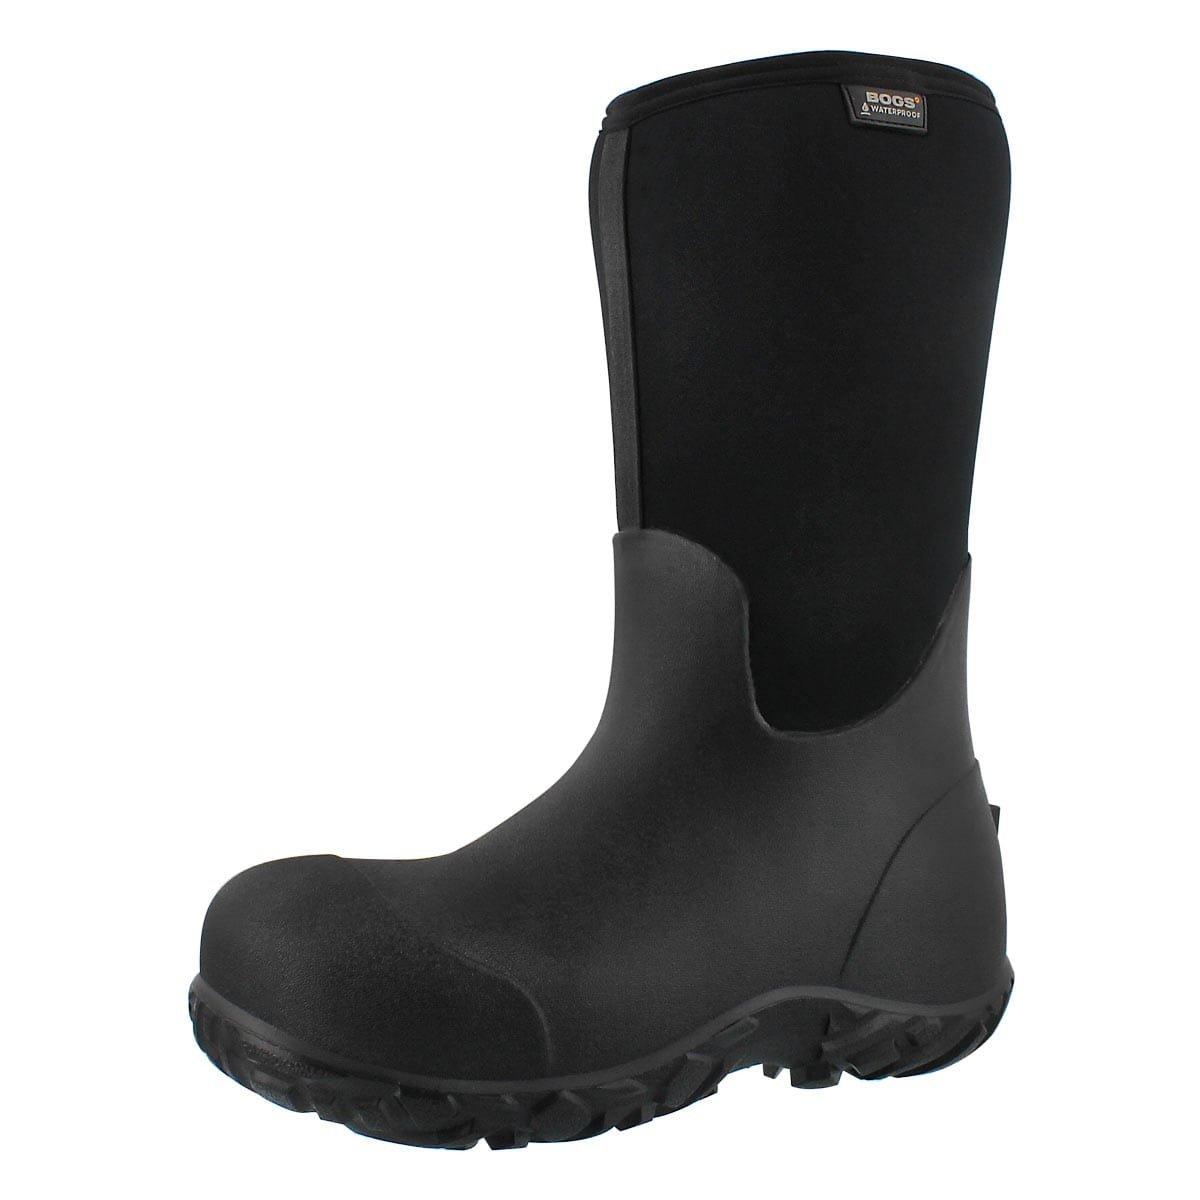 Bogs Men's Workman CSA Composite Toe Waterproof Boot